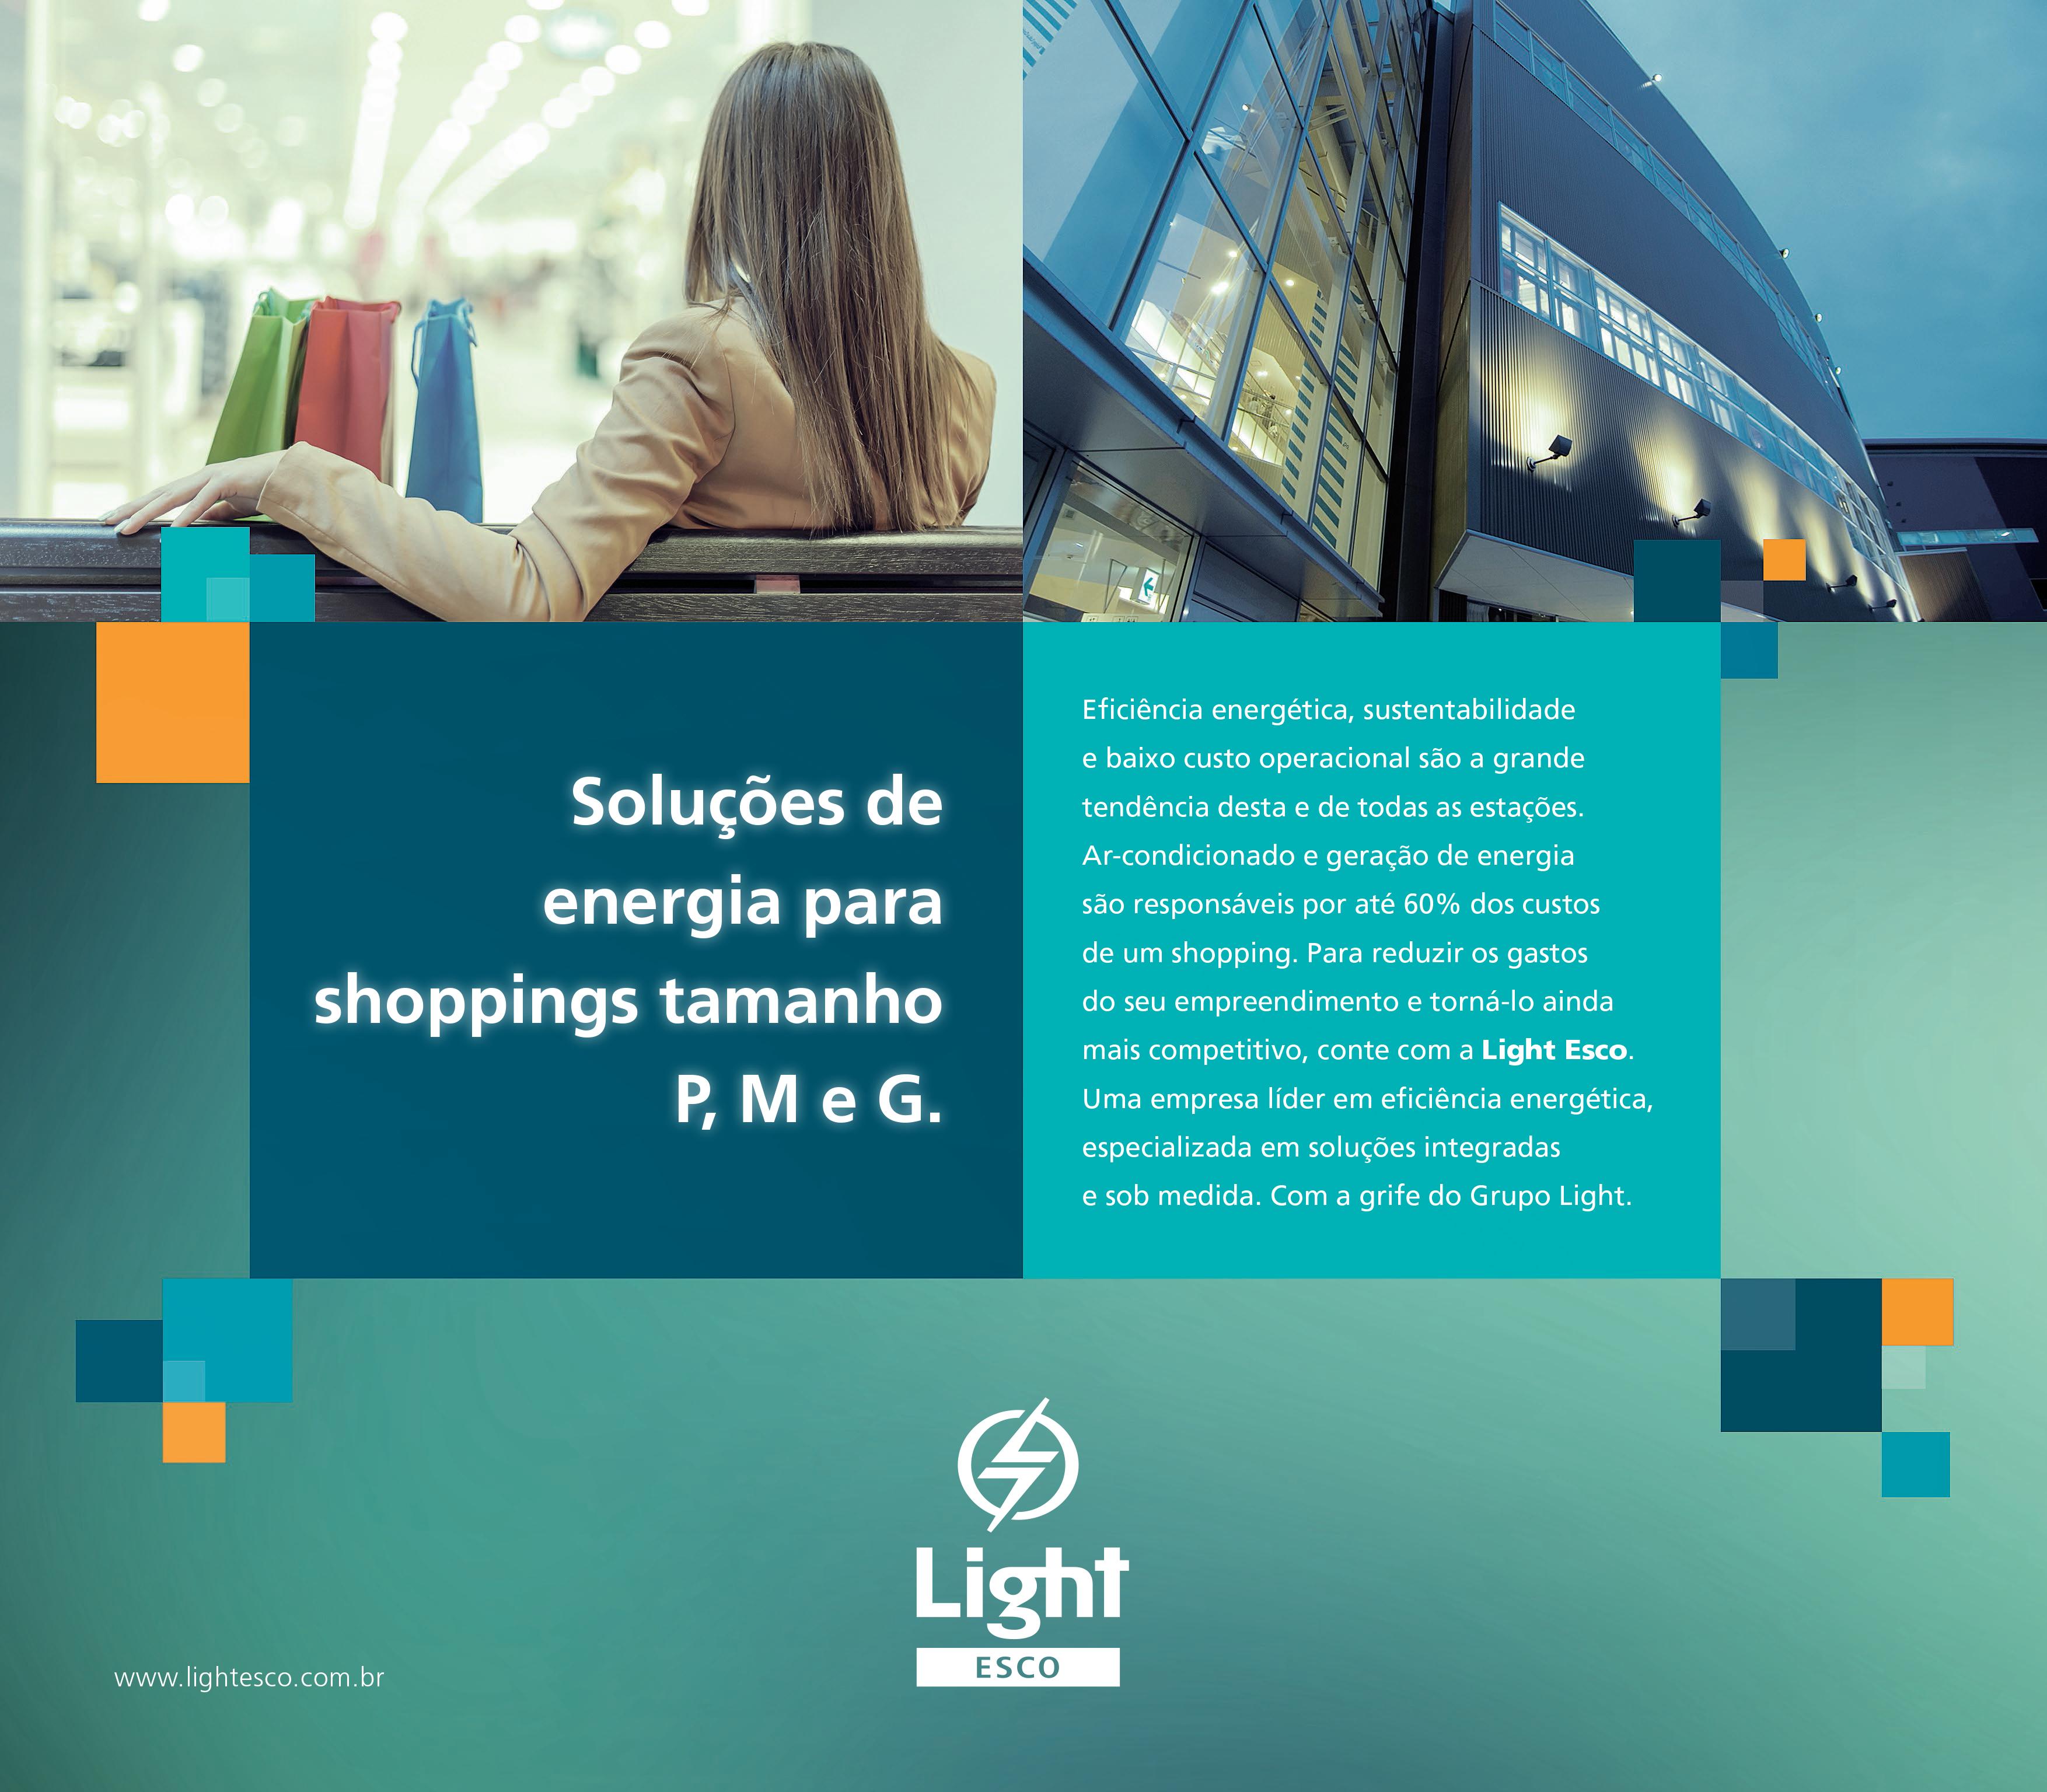 Light ESCO - Soluções de Energia